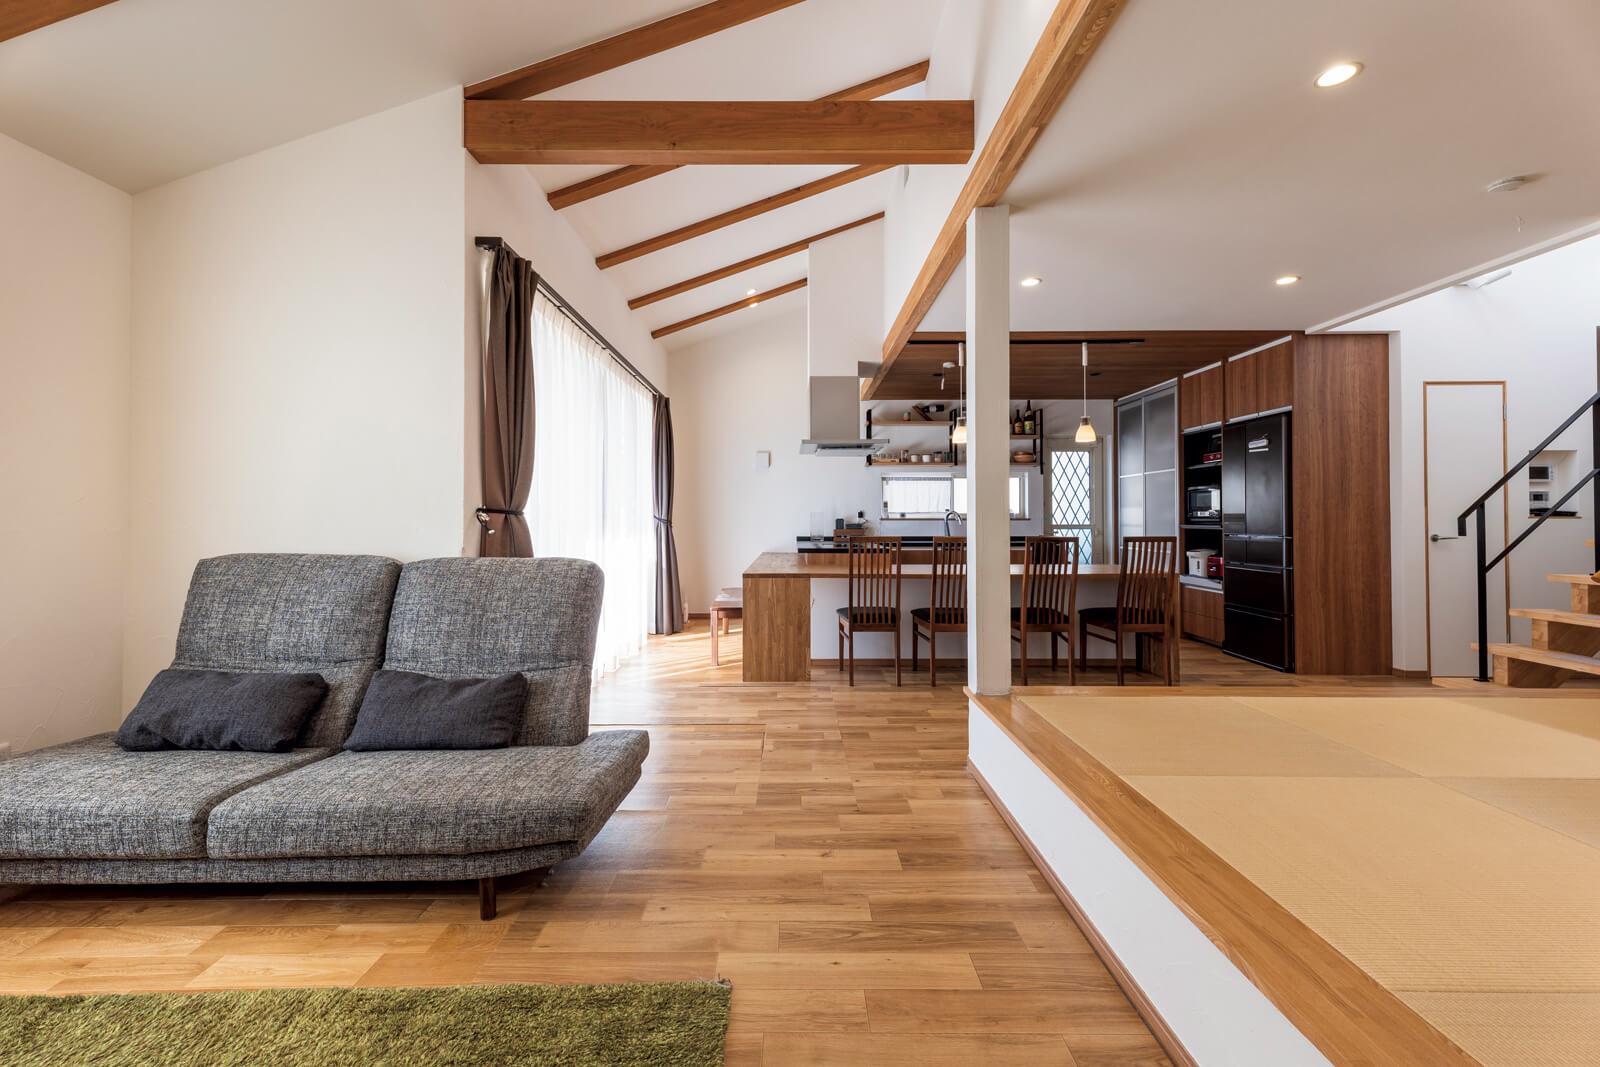 現しの梁と床の無垢材が優しい。屋根の形状を利用した勾配天井には換気用の小窓も設け、風が抜ける設計